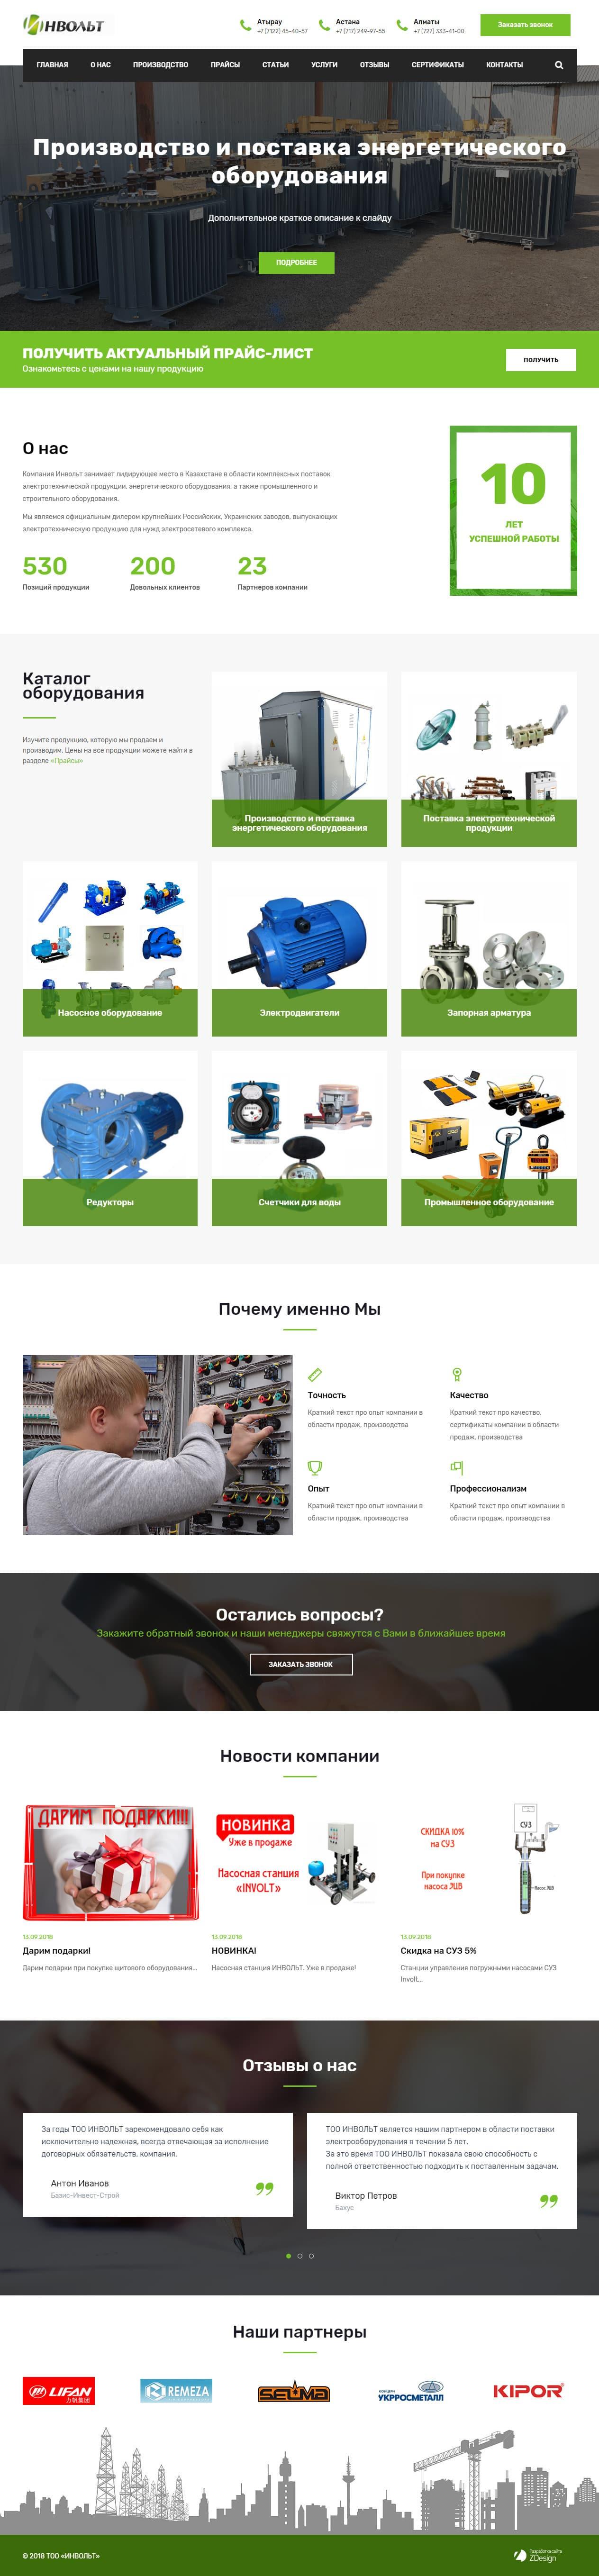 Редизайн, мобильная адаптация и продвижение сайта